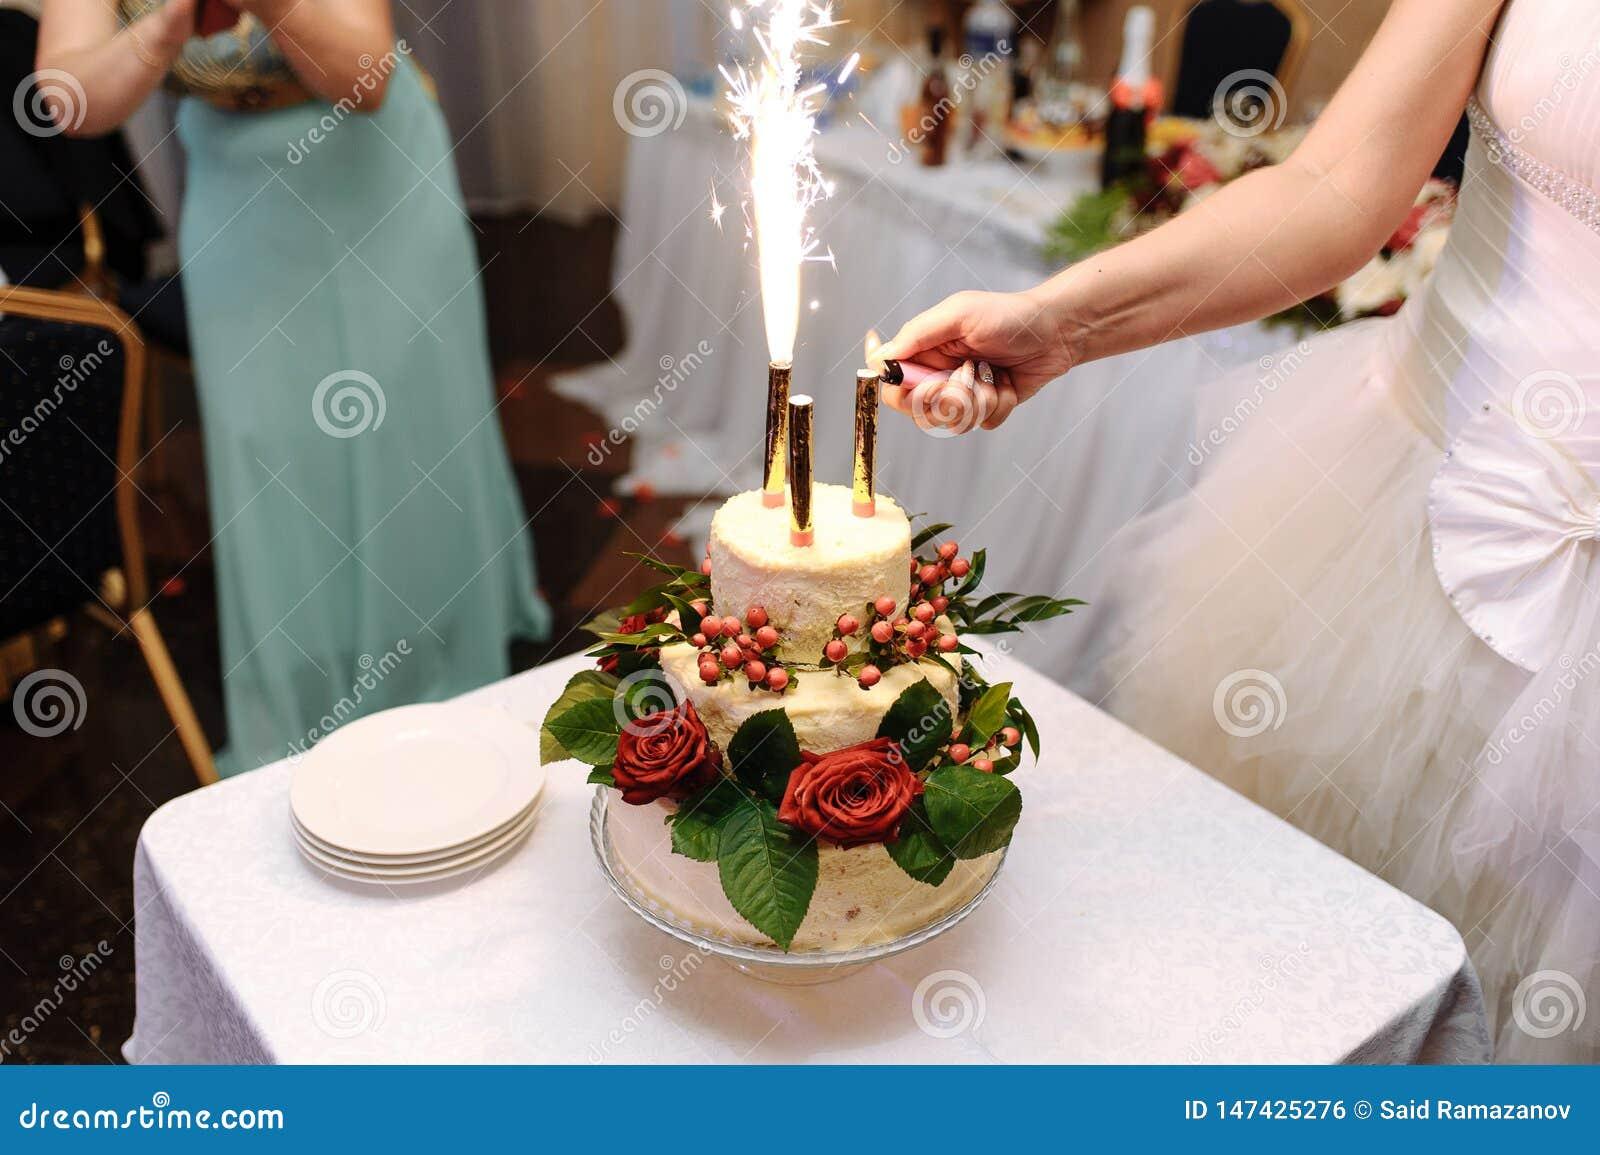 Η νύφη ανάβει τα πυροτεχνήματα στο γαμήλιο κέικ σε ένα ελαφρύ τραπεζομάντιλο